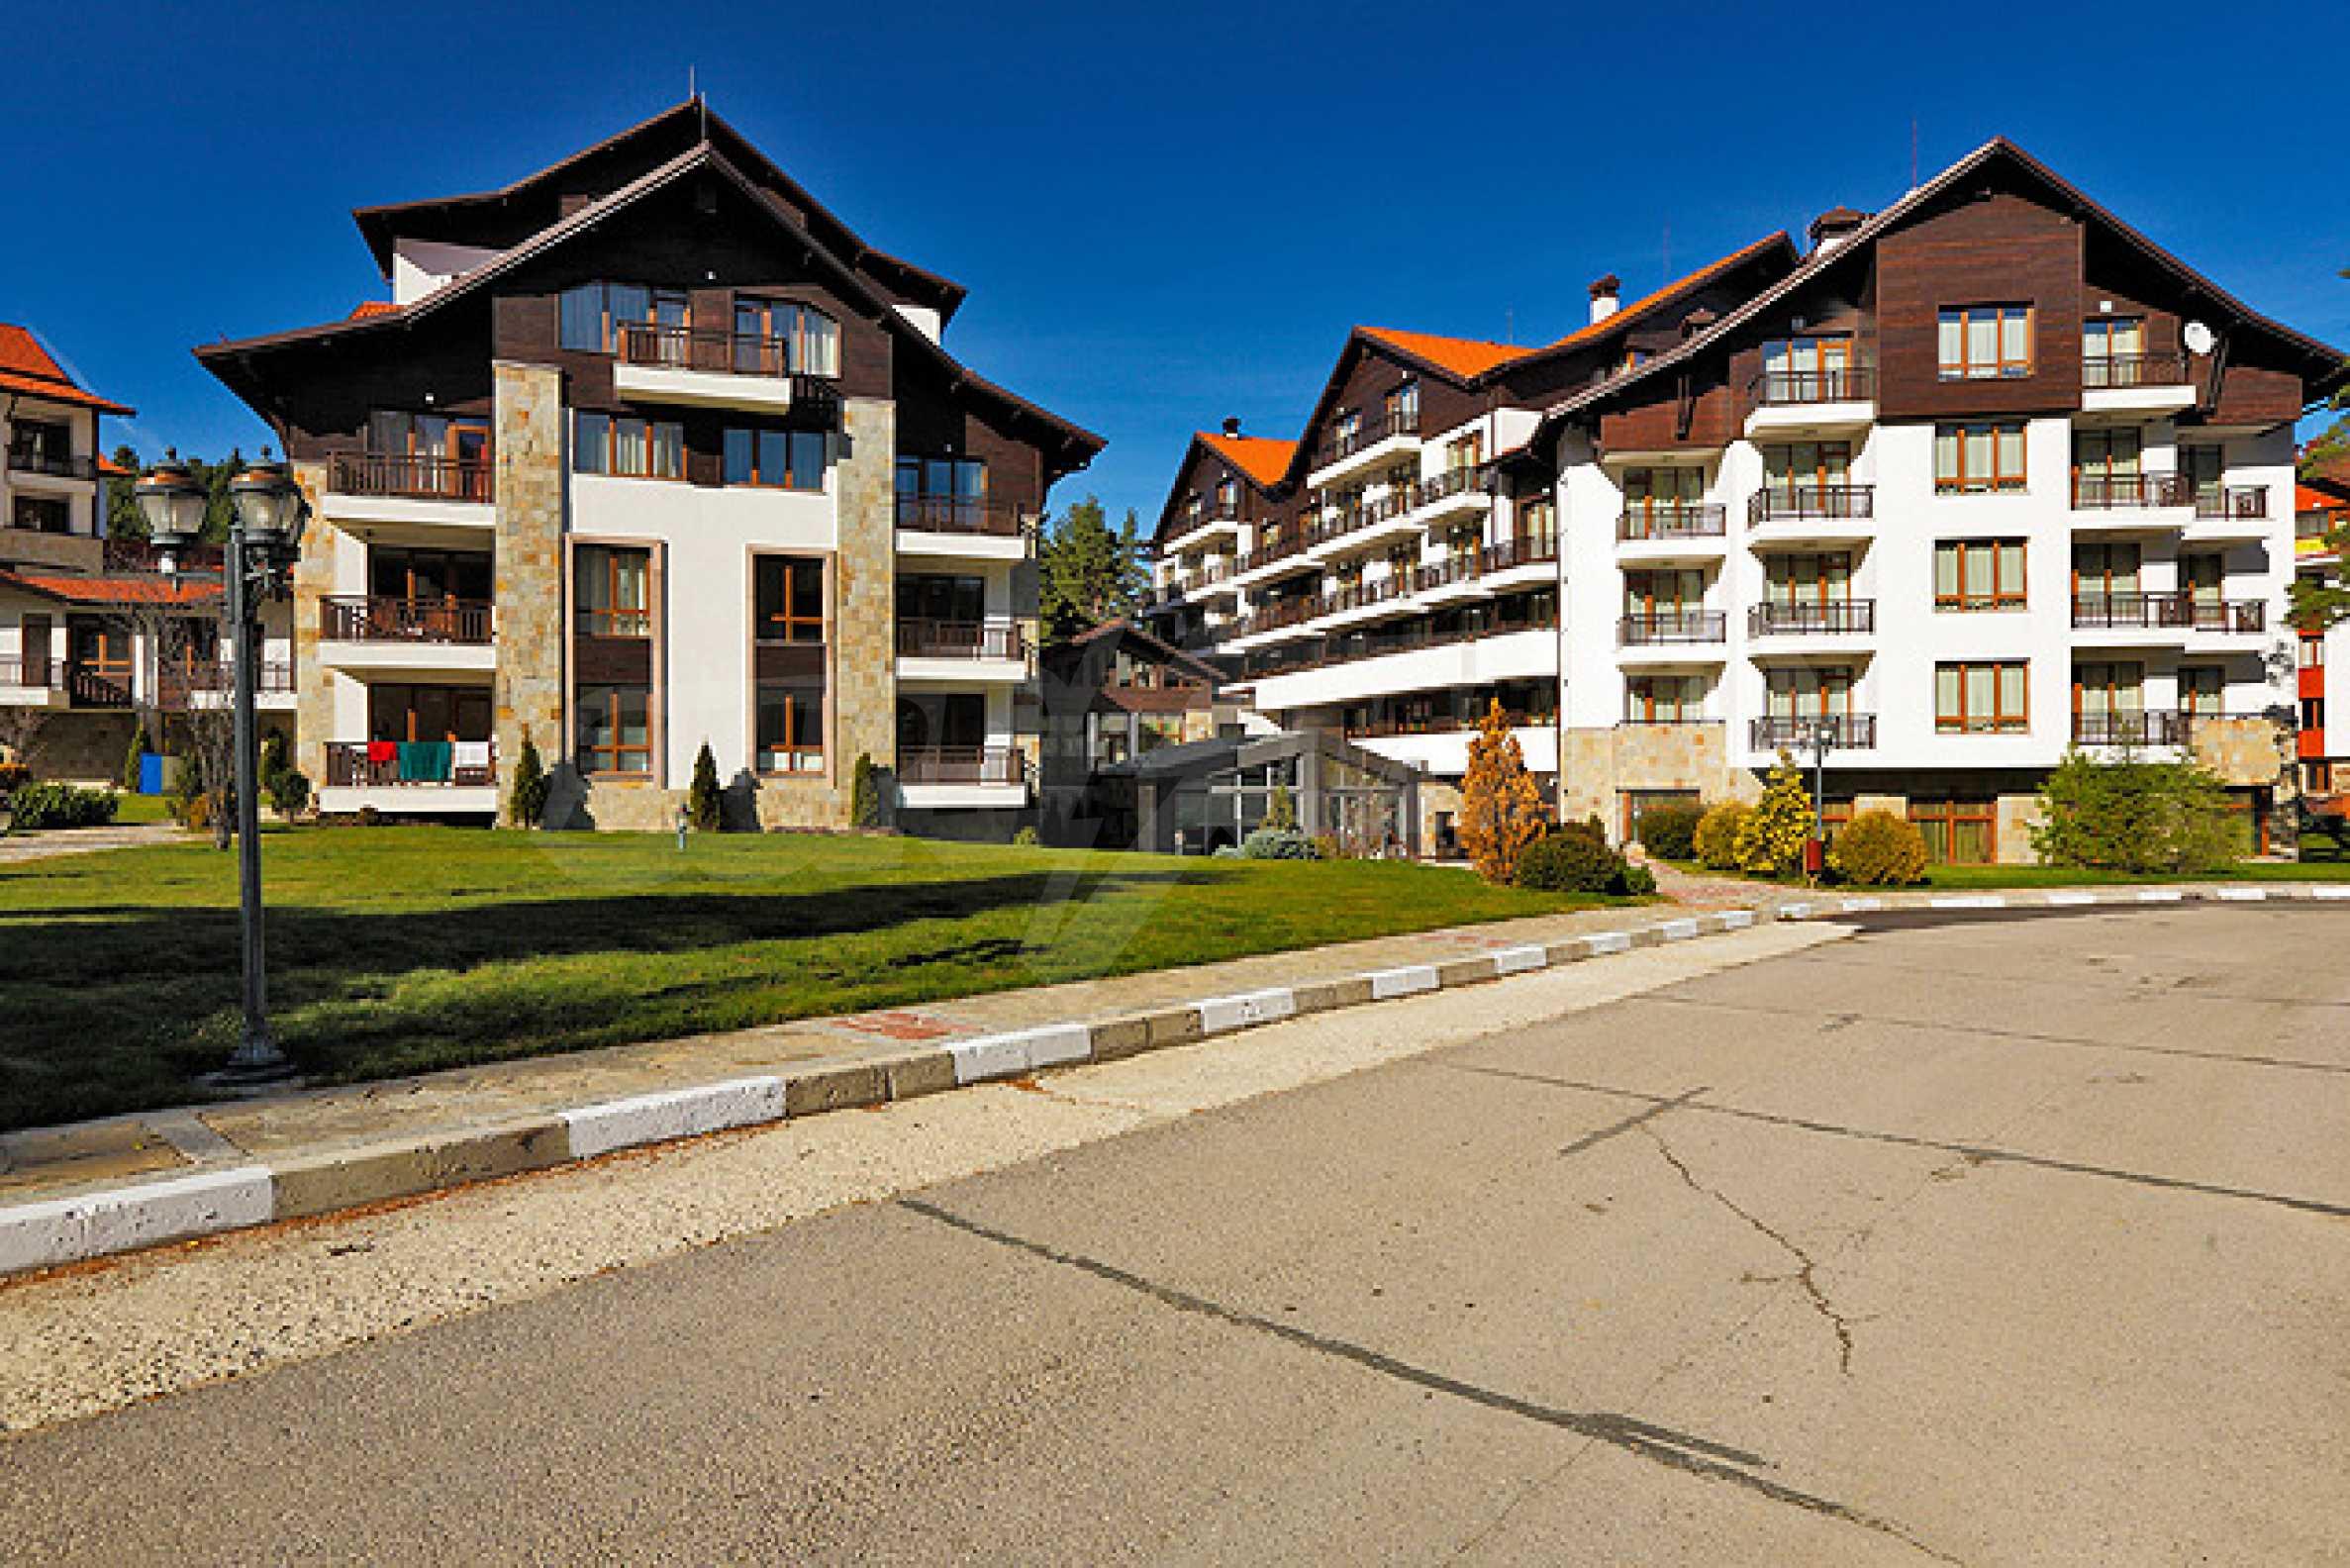 Първокласни апартаменти за продажба на метри от писта Ястребец в Боровец